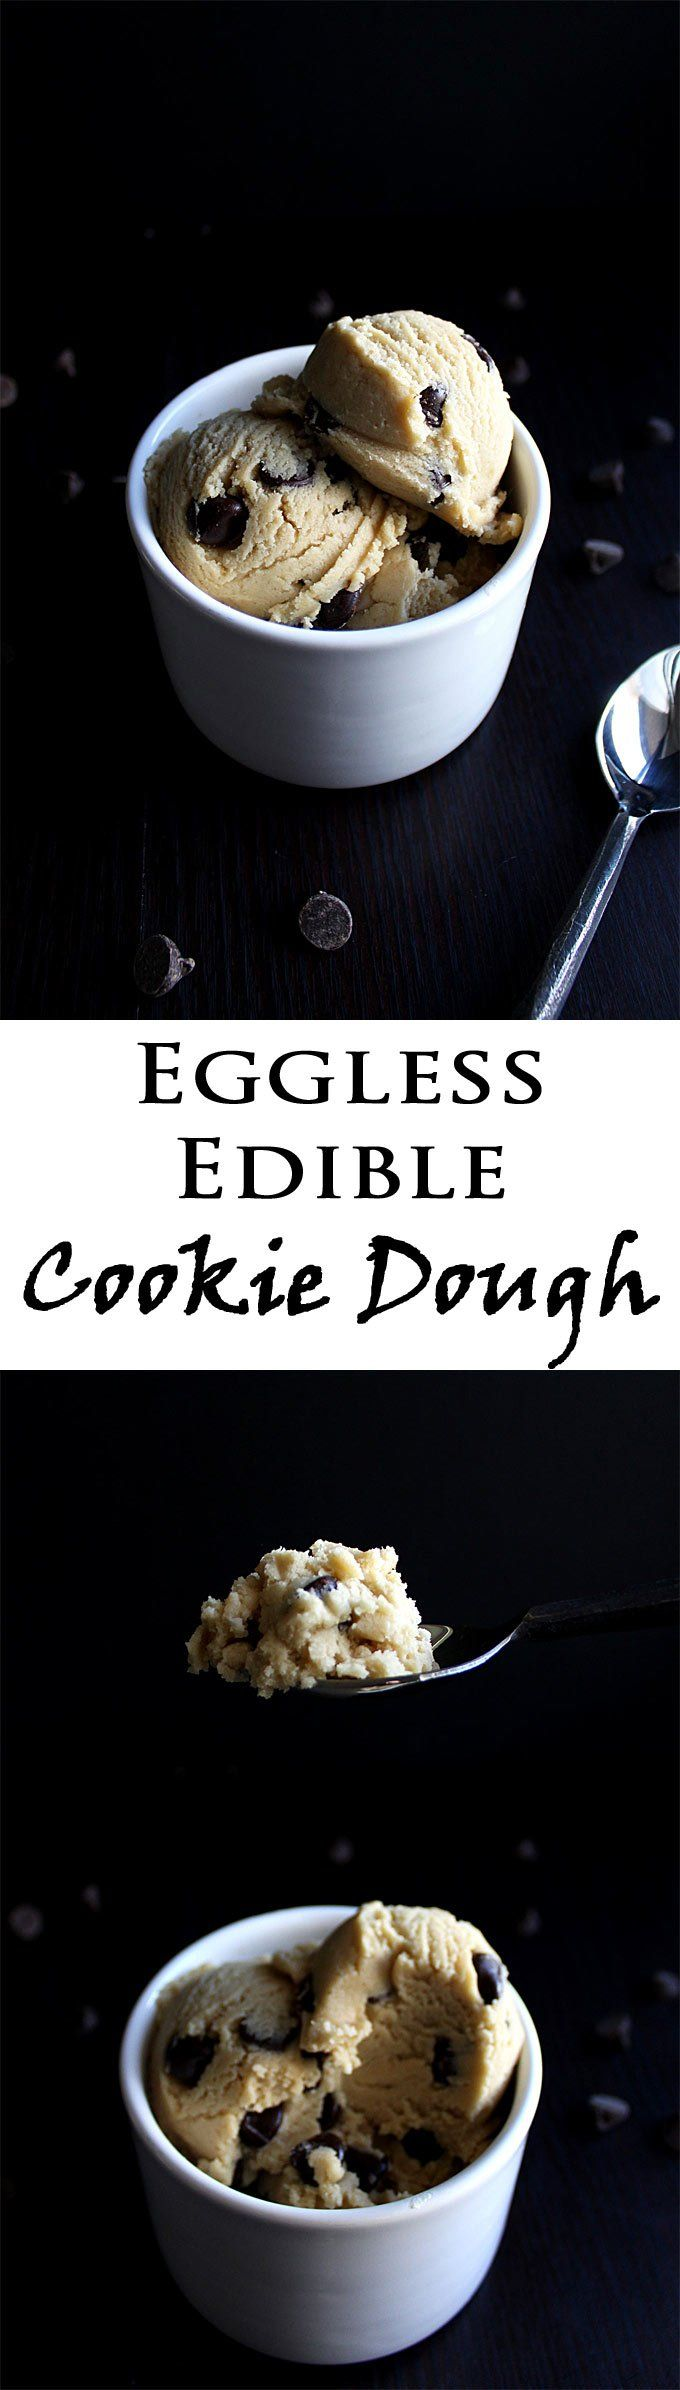 Edible Cookie Dough | Easy Cookie Dough Recipe | Edible | Eggless | Chocolate Chip Cookie Dough